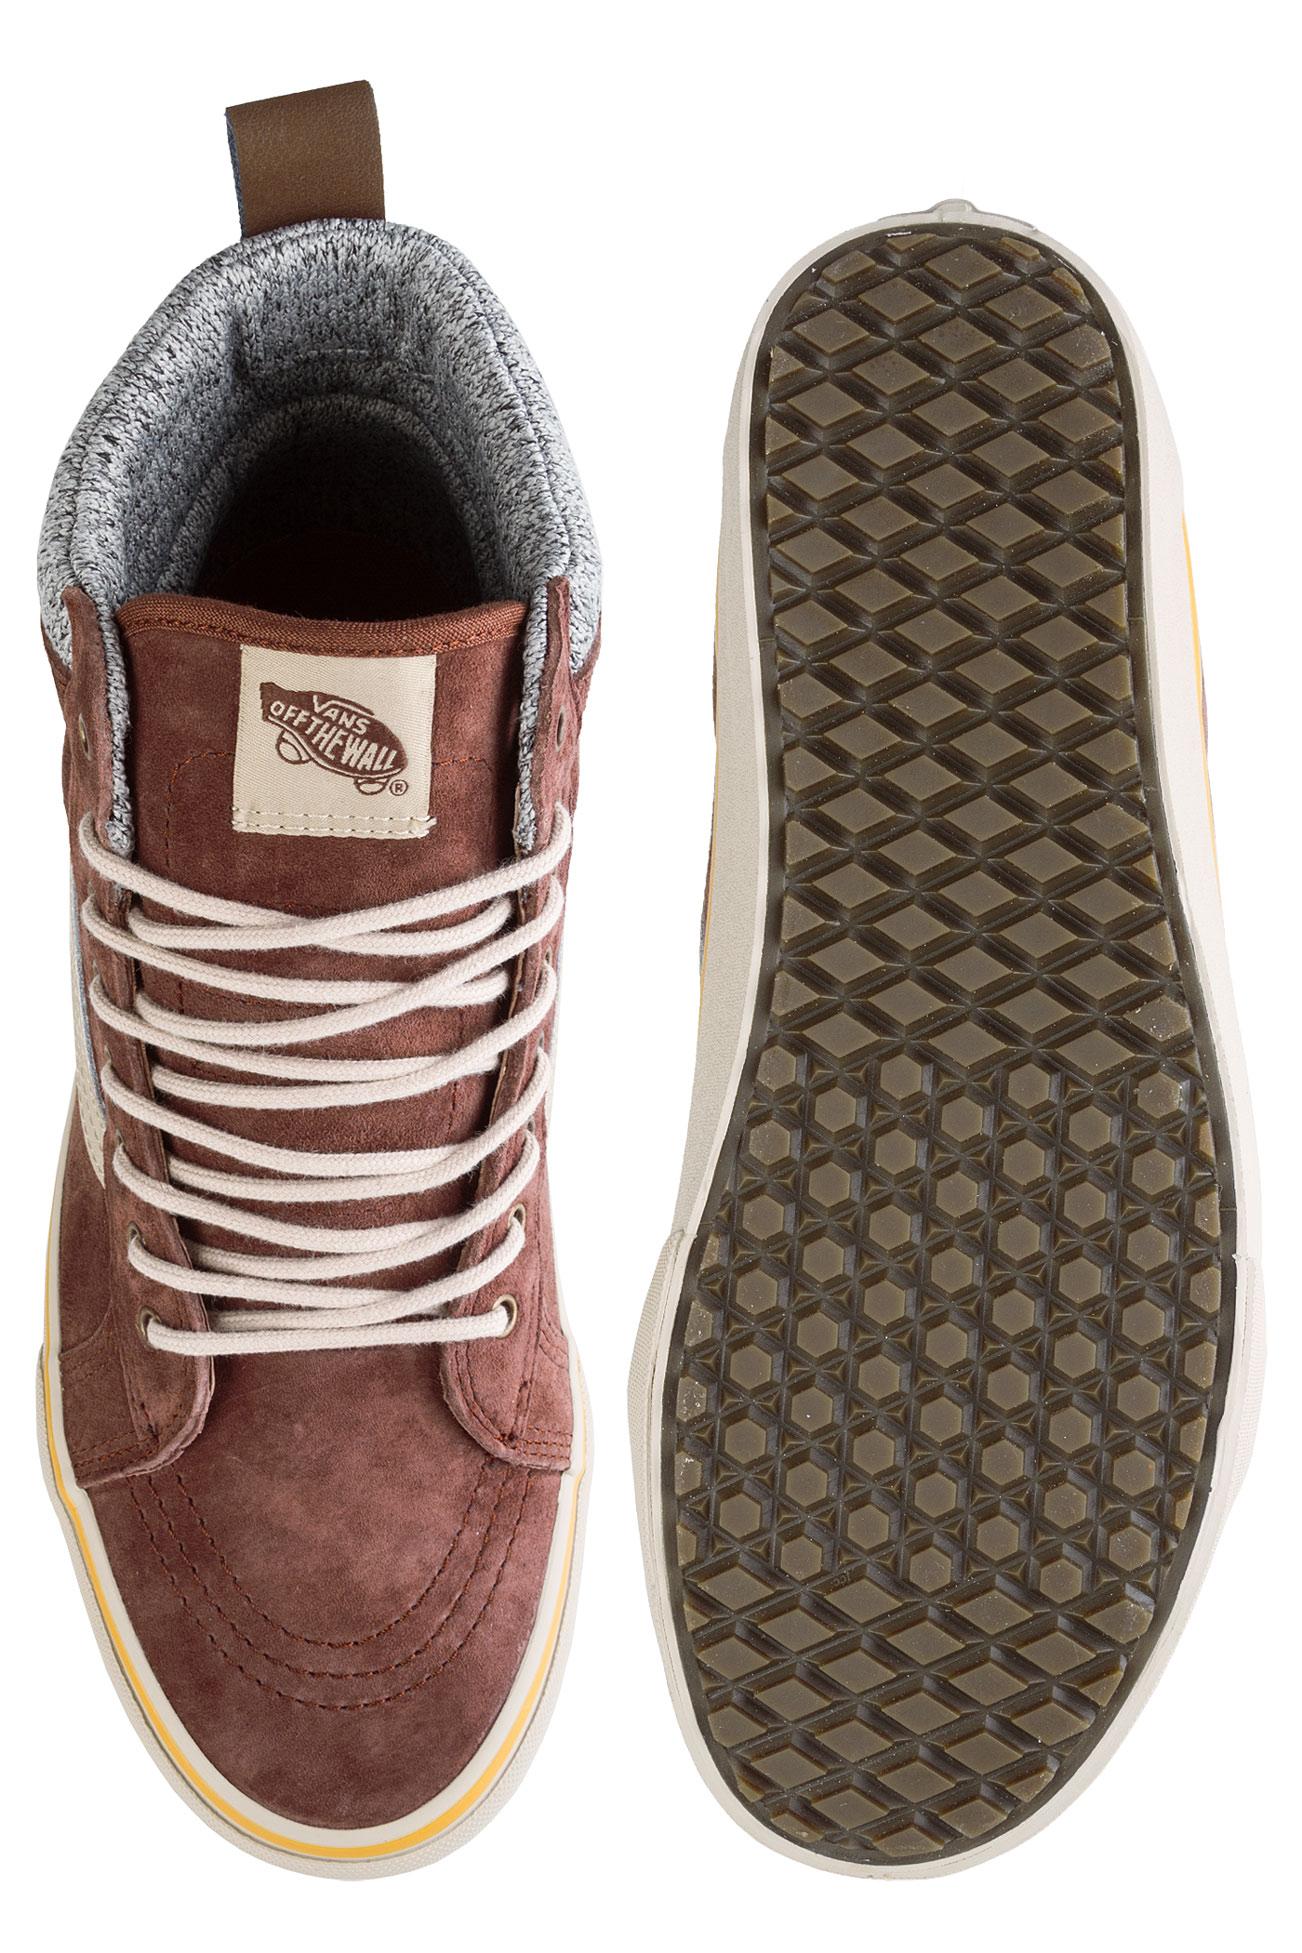 Vans Sk8-Hi MTE DX Shoe (cappuccino hummus) buy at skatedeluxe 144caf0af